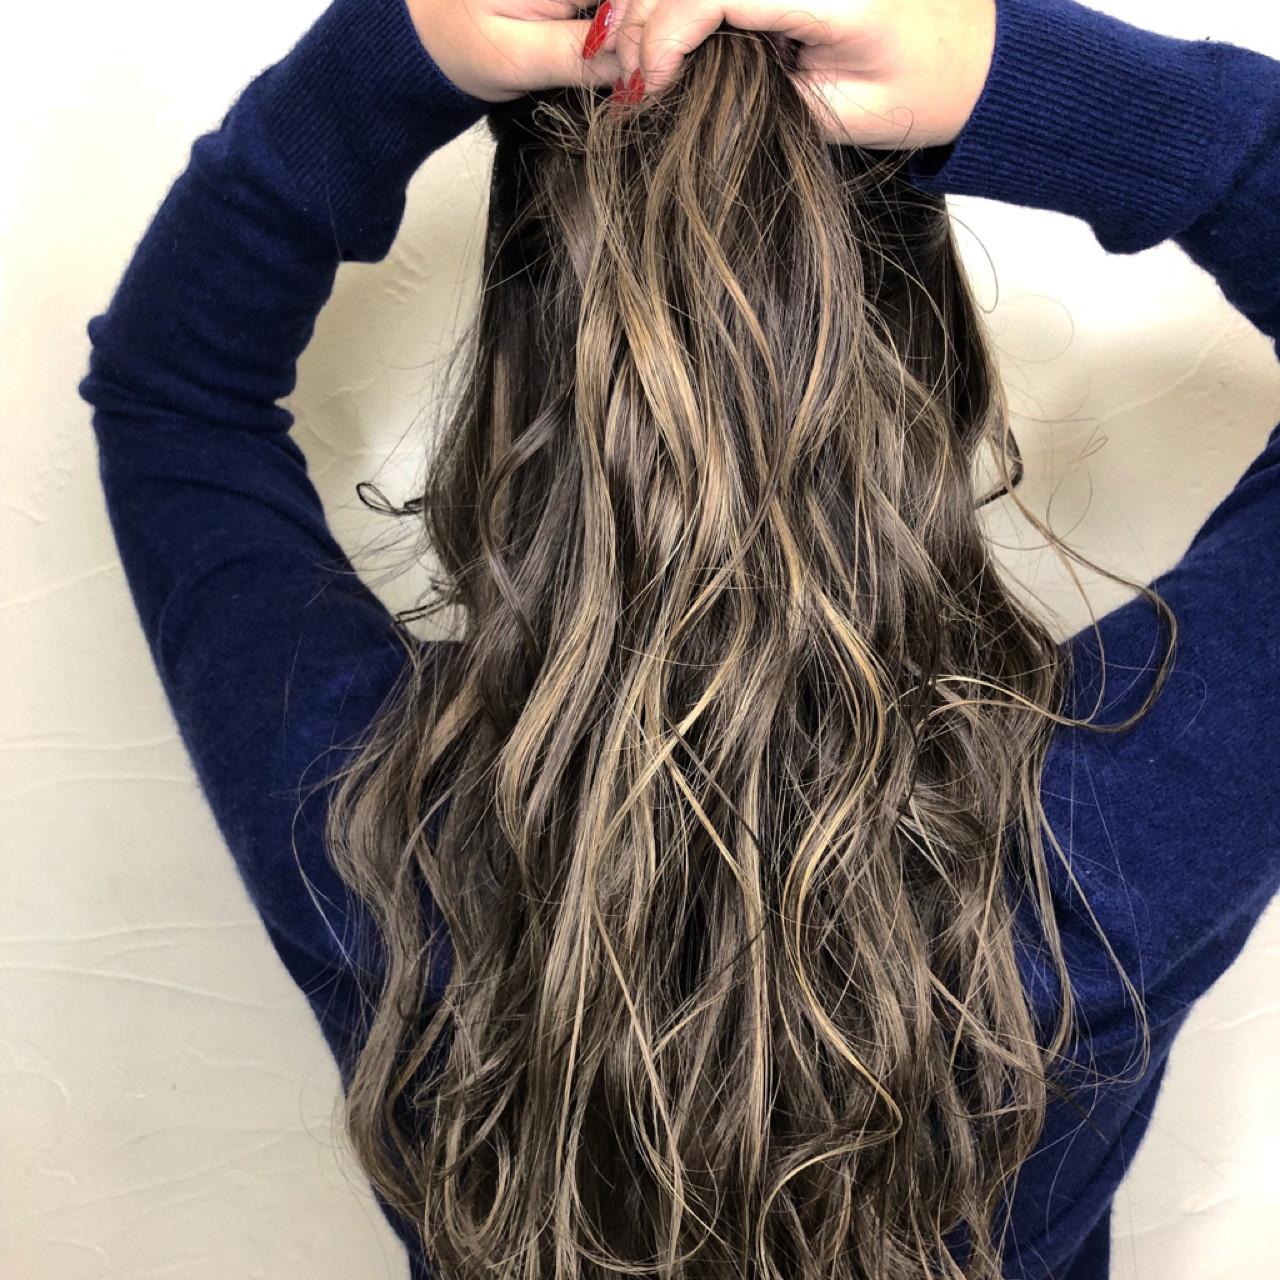 グレージュ ウェーブ ダブルカラー 上品 ヘアスタイルや髪型の写真・画像 | 中村 賢人 / b:Ashアメ村 店長